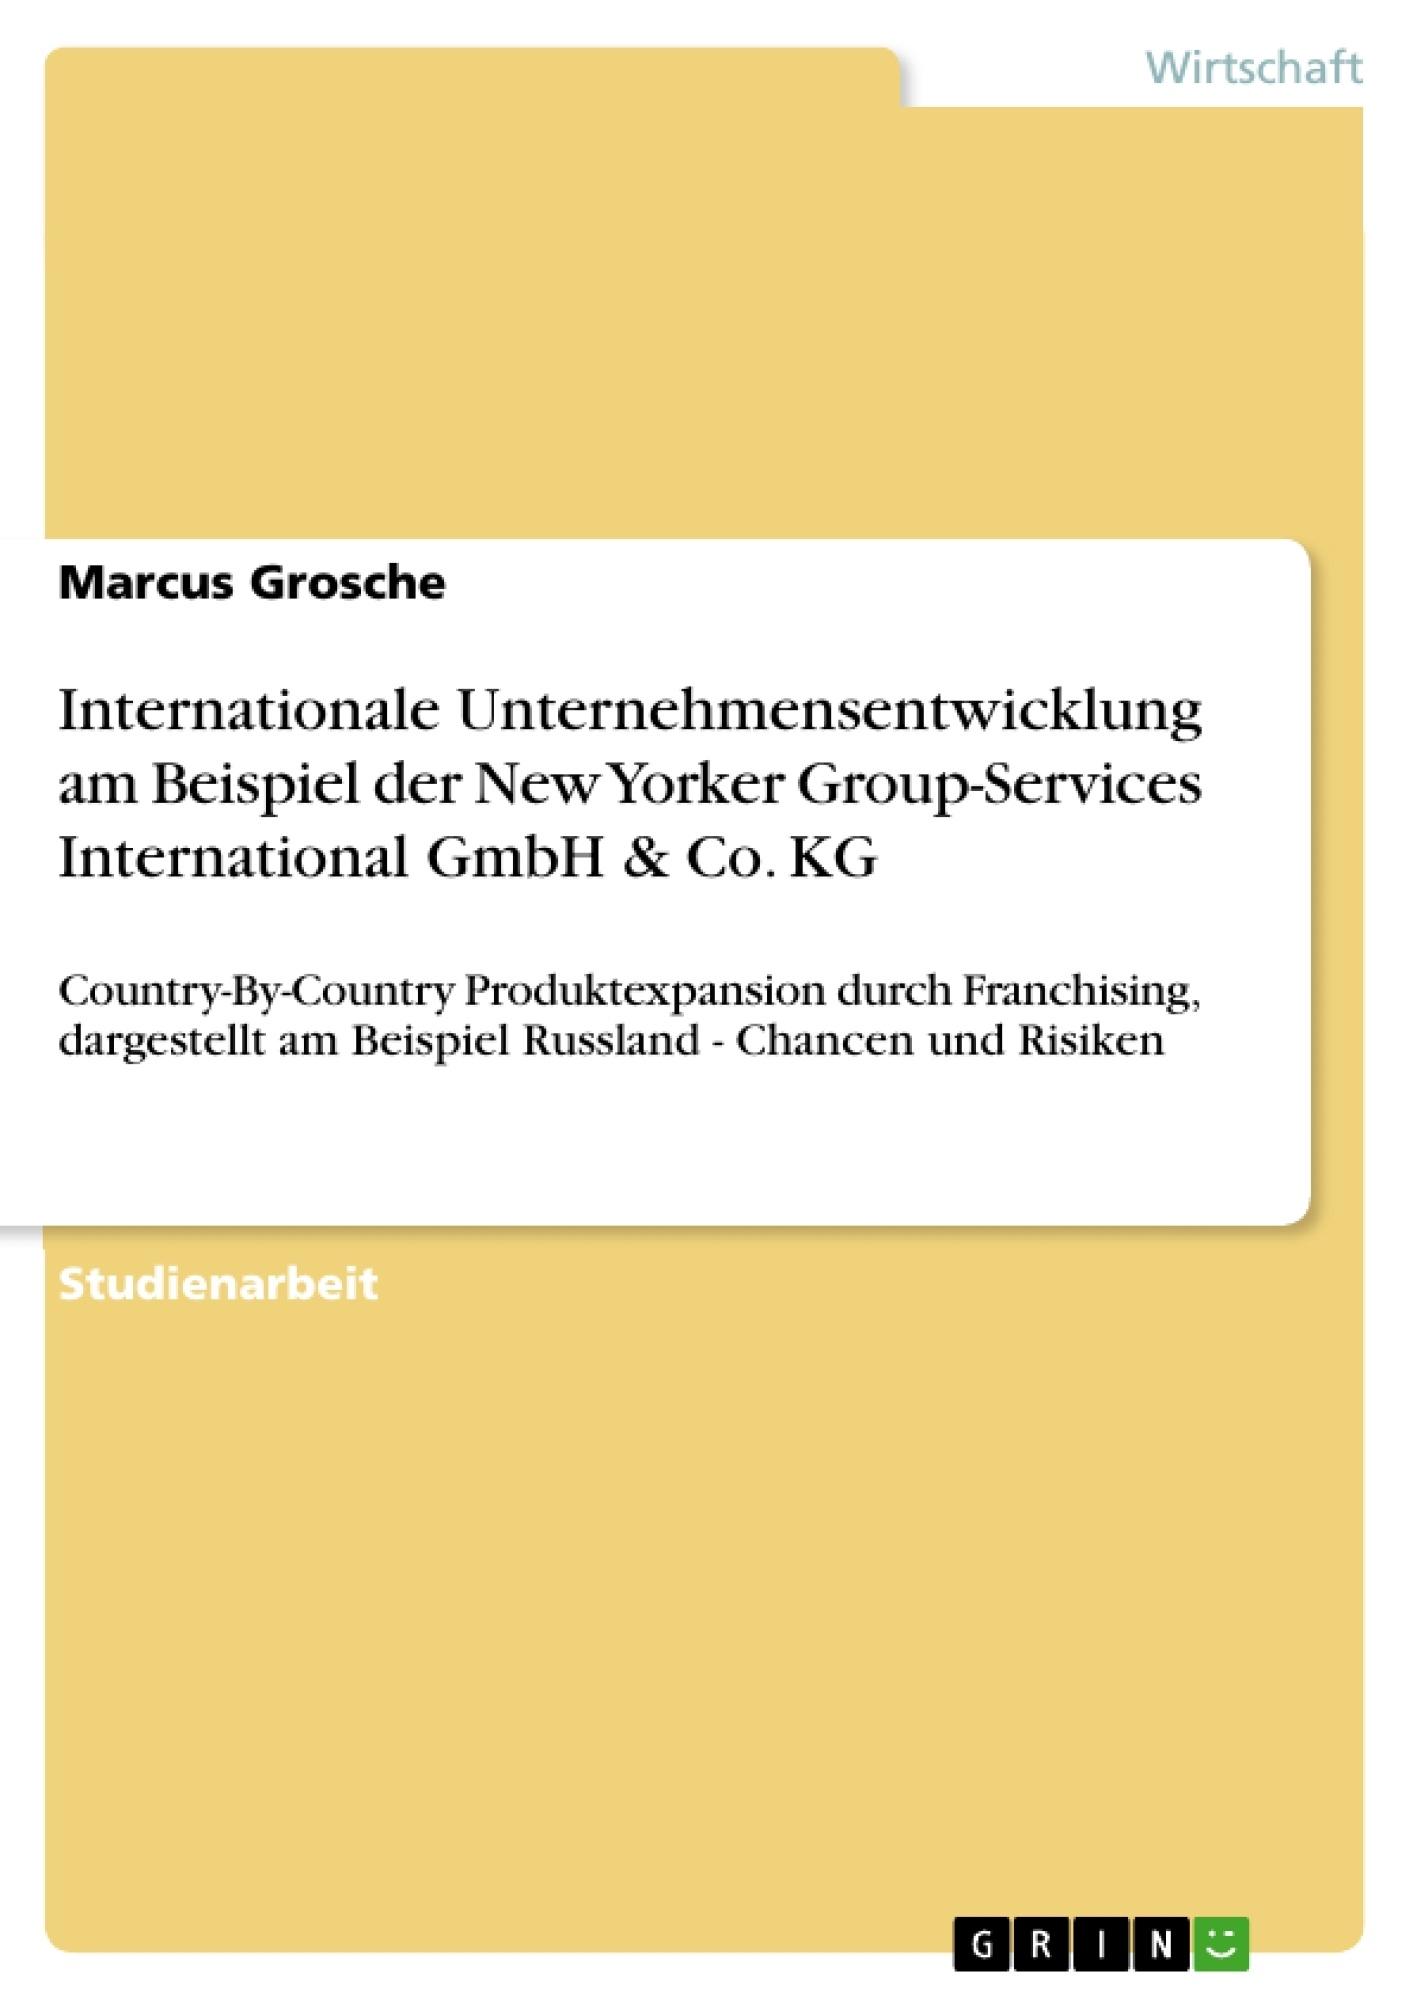 Titel: Internationale Unternehmensentwicklung am Beispiel der New Yorker Group-Services International GmbH & Co. KG